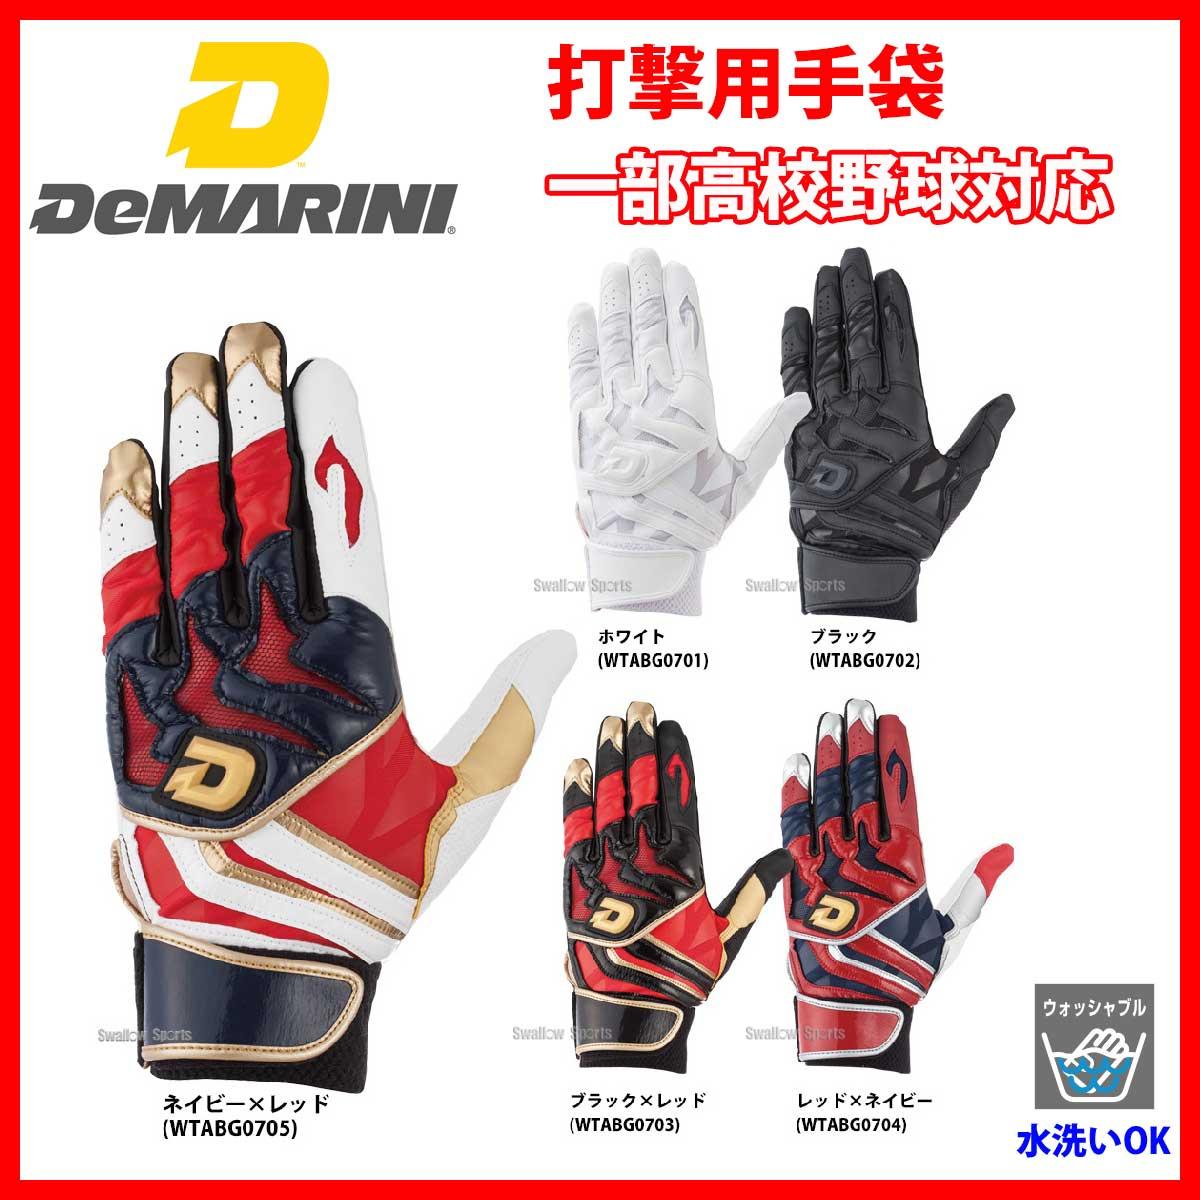 ウィルソン ディマリニ バッティンググラブ (両手用) 一部高校対応野球 ジュニアサイズ対応モデル 手袋 WTABG070x バッティンググローブ 手袋 野球部 野球用品 スワロースポーツ